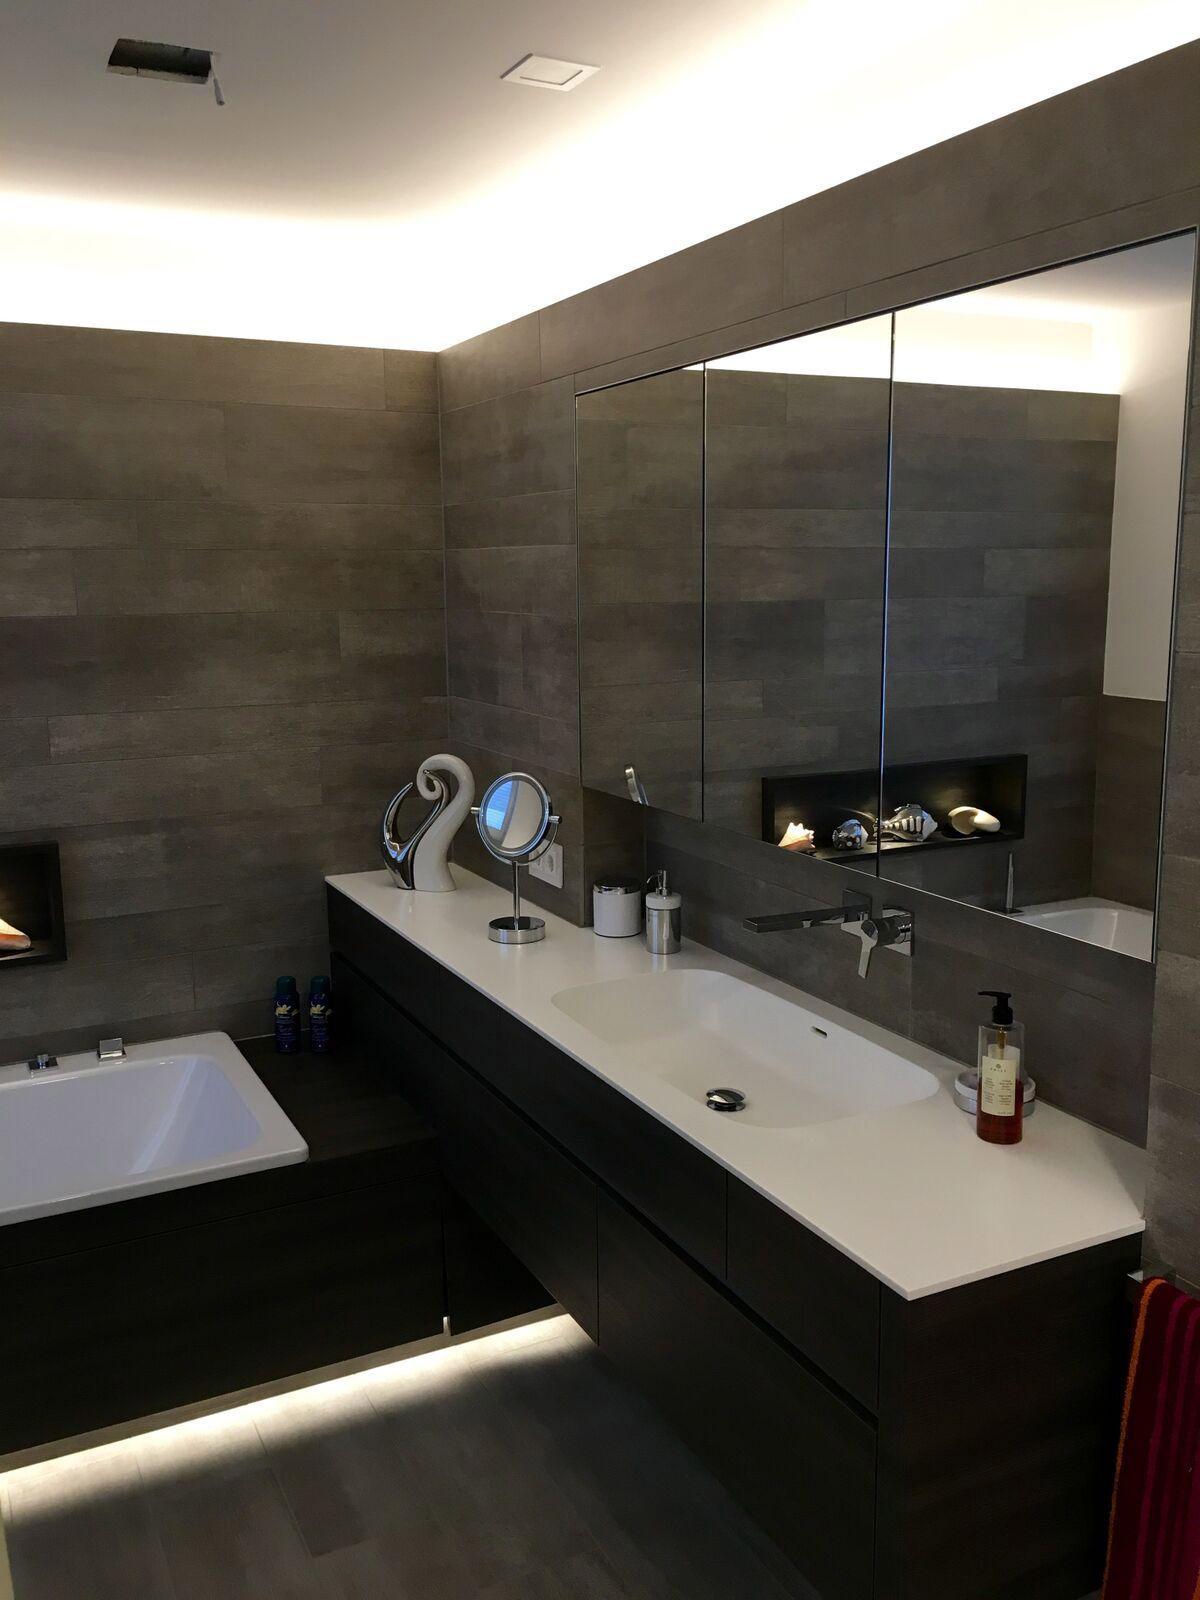 Individuelle Lichtkonzepte Fur Mehr Komfort Im Badezimmer Licht Sanftes Licht Badezimmerspiegel